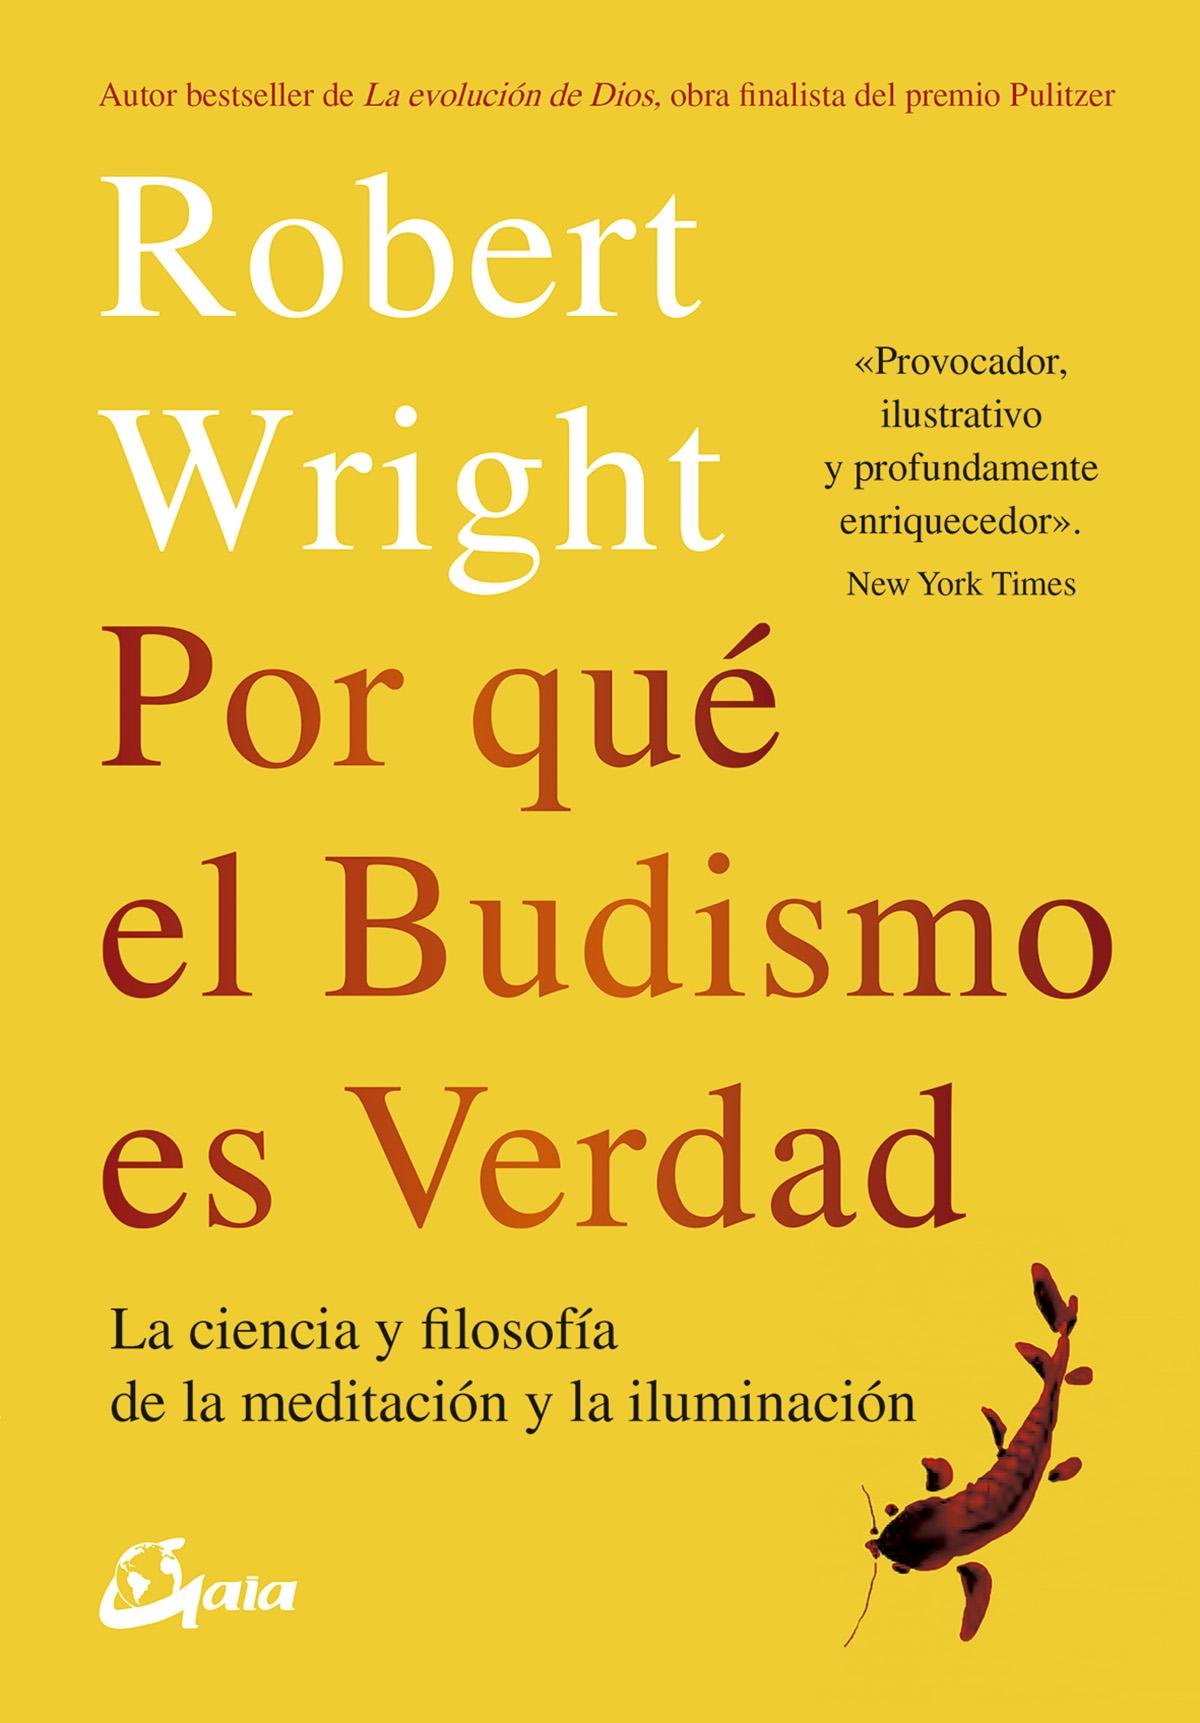 Por qué el budismo es verdad   «La ciencia y flosofía de la meditación y la iluminación»